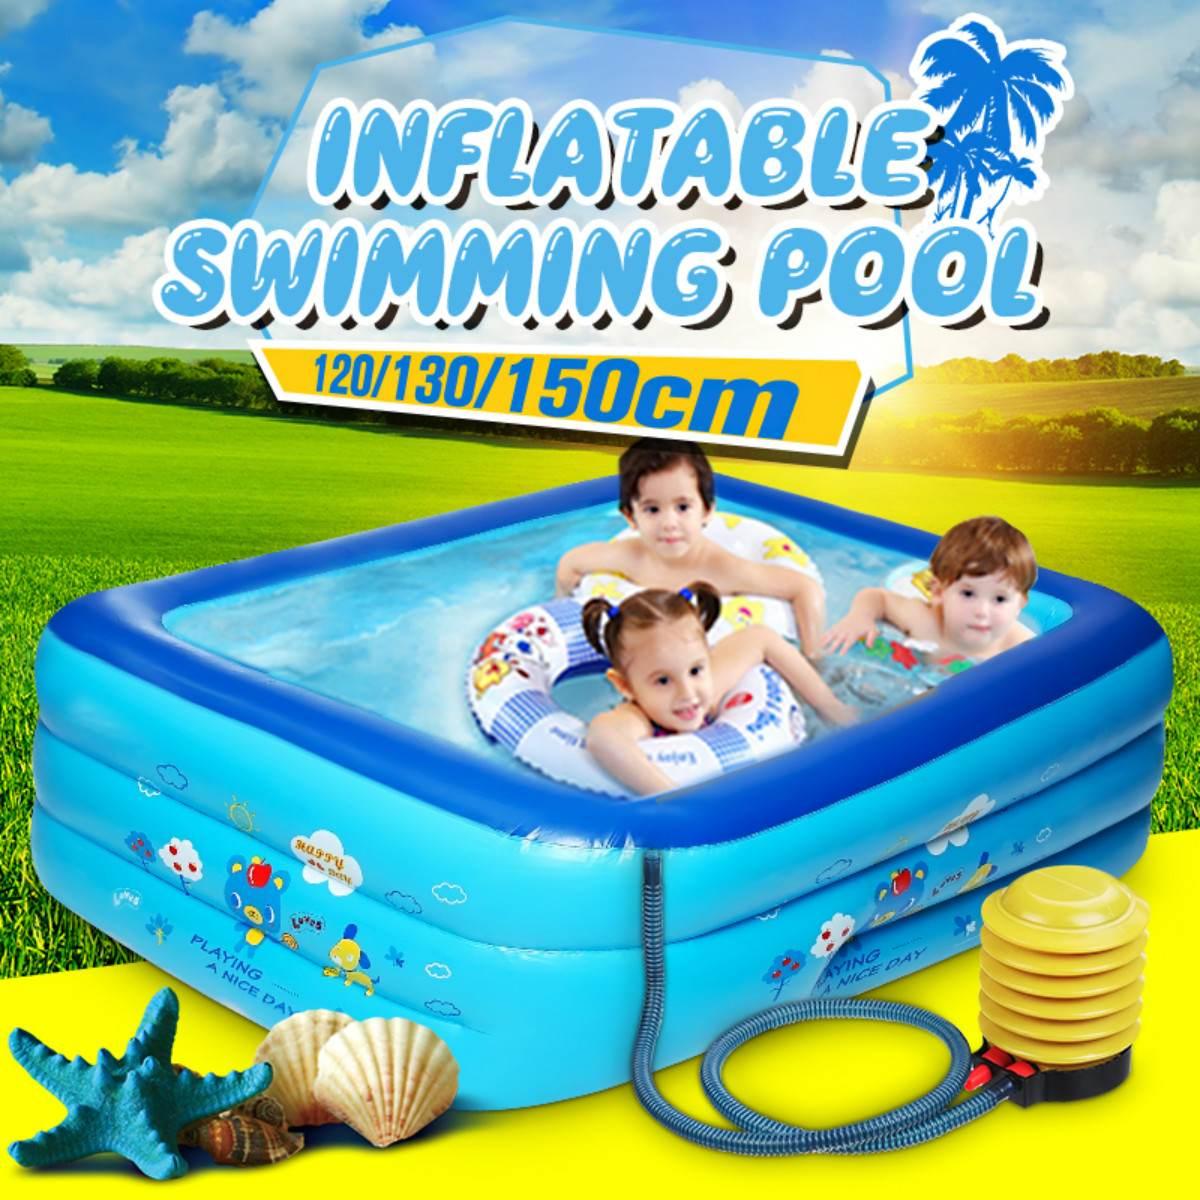 1.2/1.3/1.5/1.8M enfants piscine gonflable Portable extérieur enfants baignoire piscine famille jardin jardin piscine